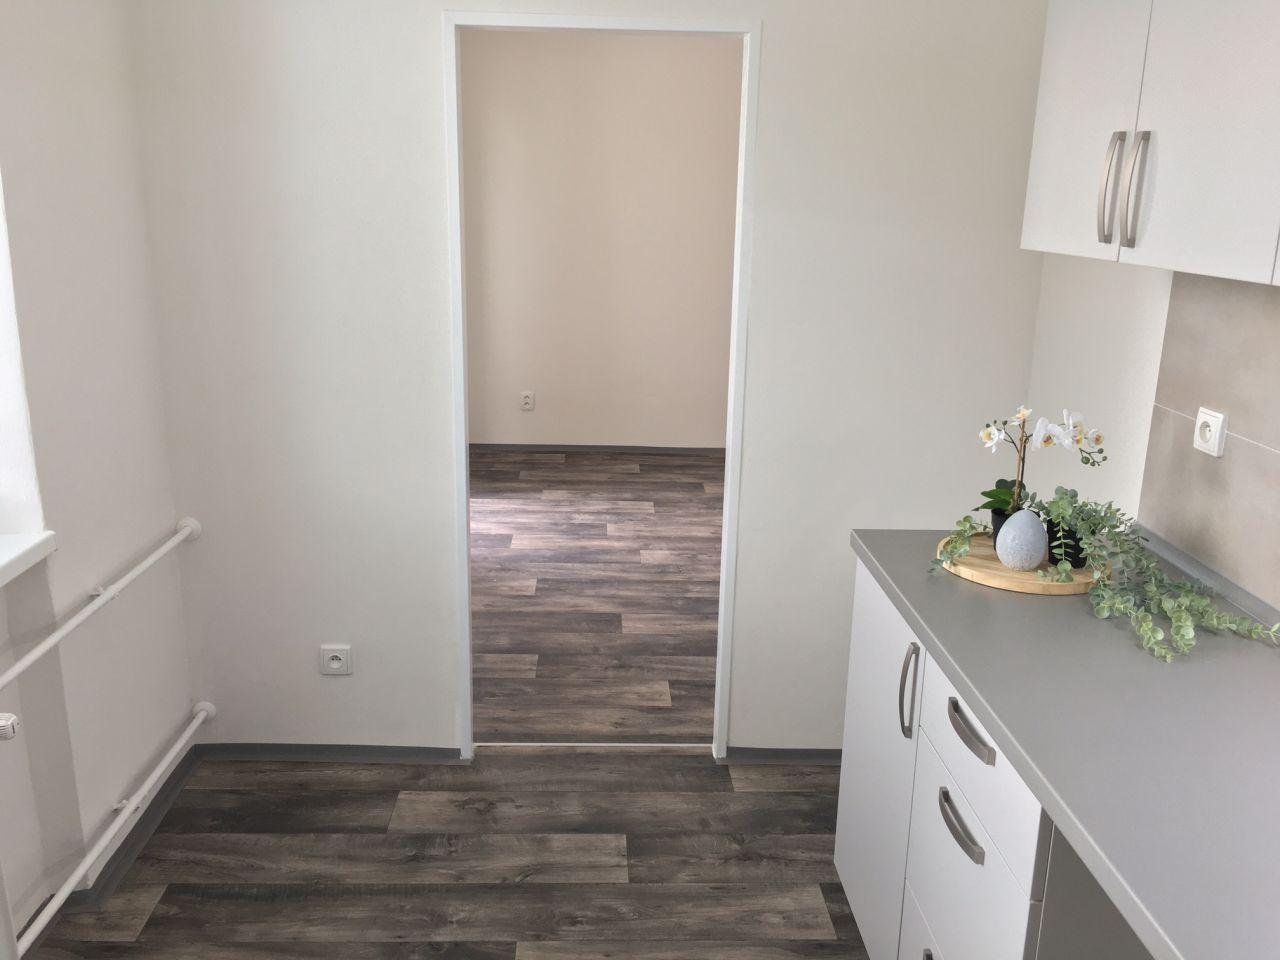 Pronájem bytu 1+1 41 m2, ul. Hlavní třída 1113/16, Ostrava - Poruba